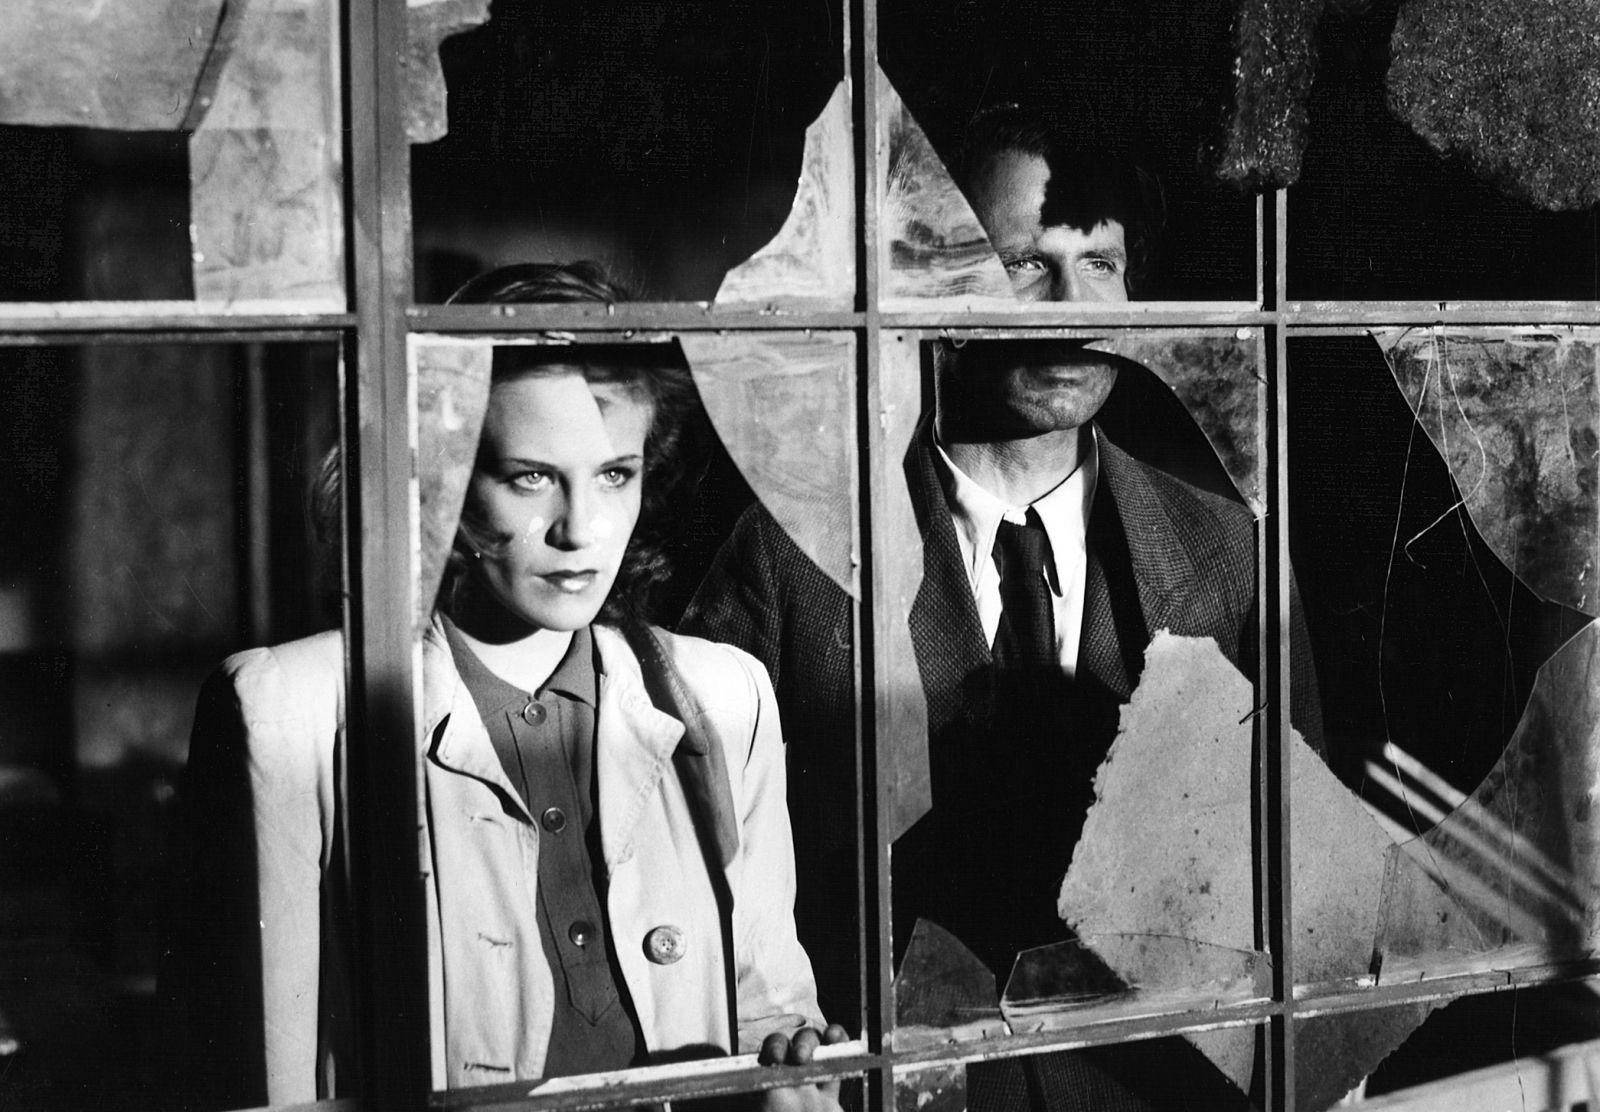 Szenenfoto aus dem Film Die Mörder sind unter uns